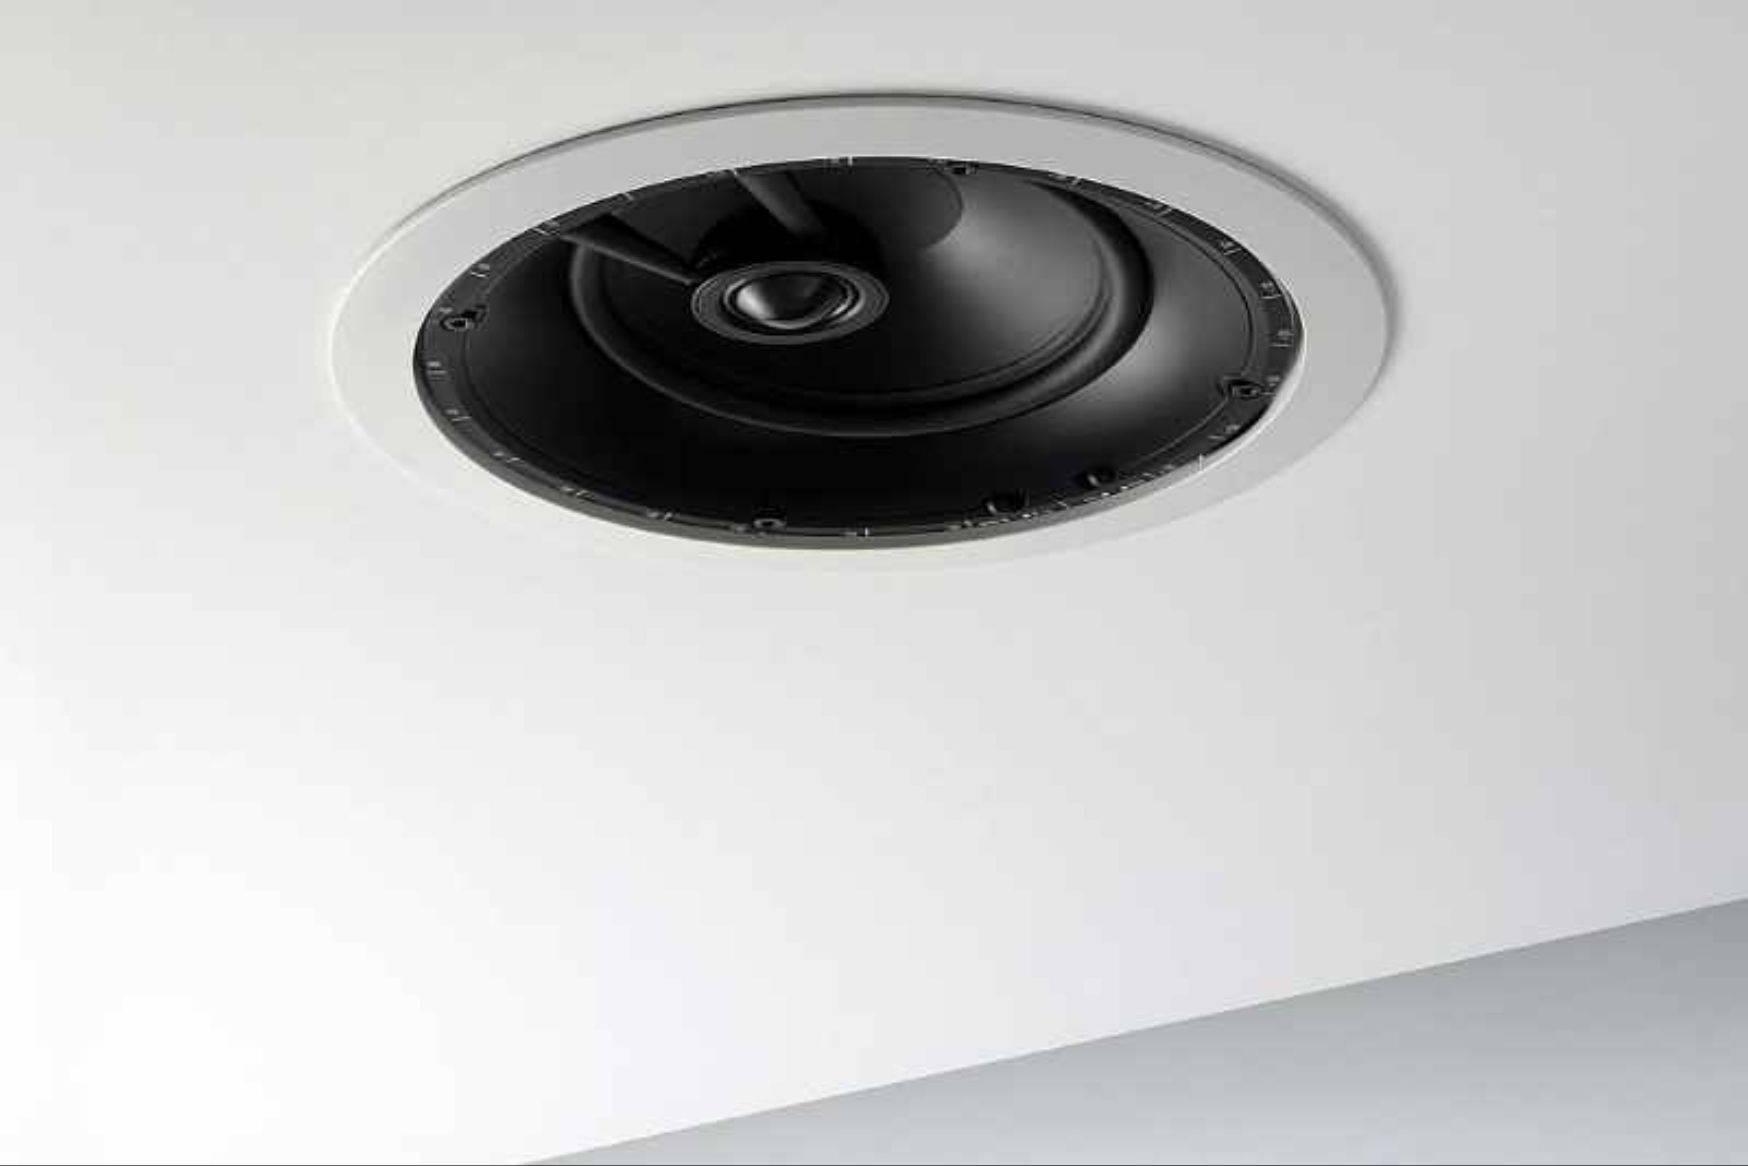 Потолочные колонки и акустика: динамики для системы в ванной комнате и музыка